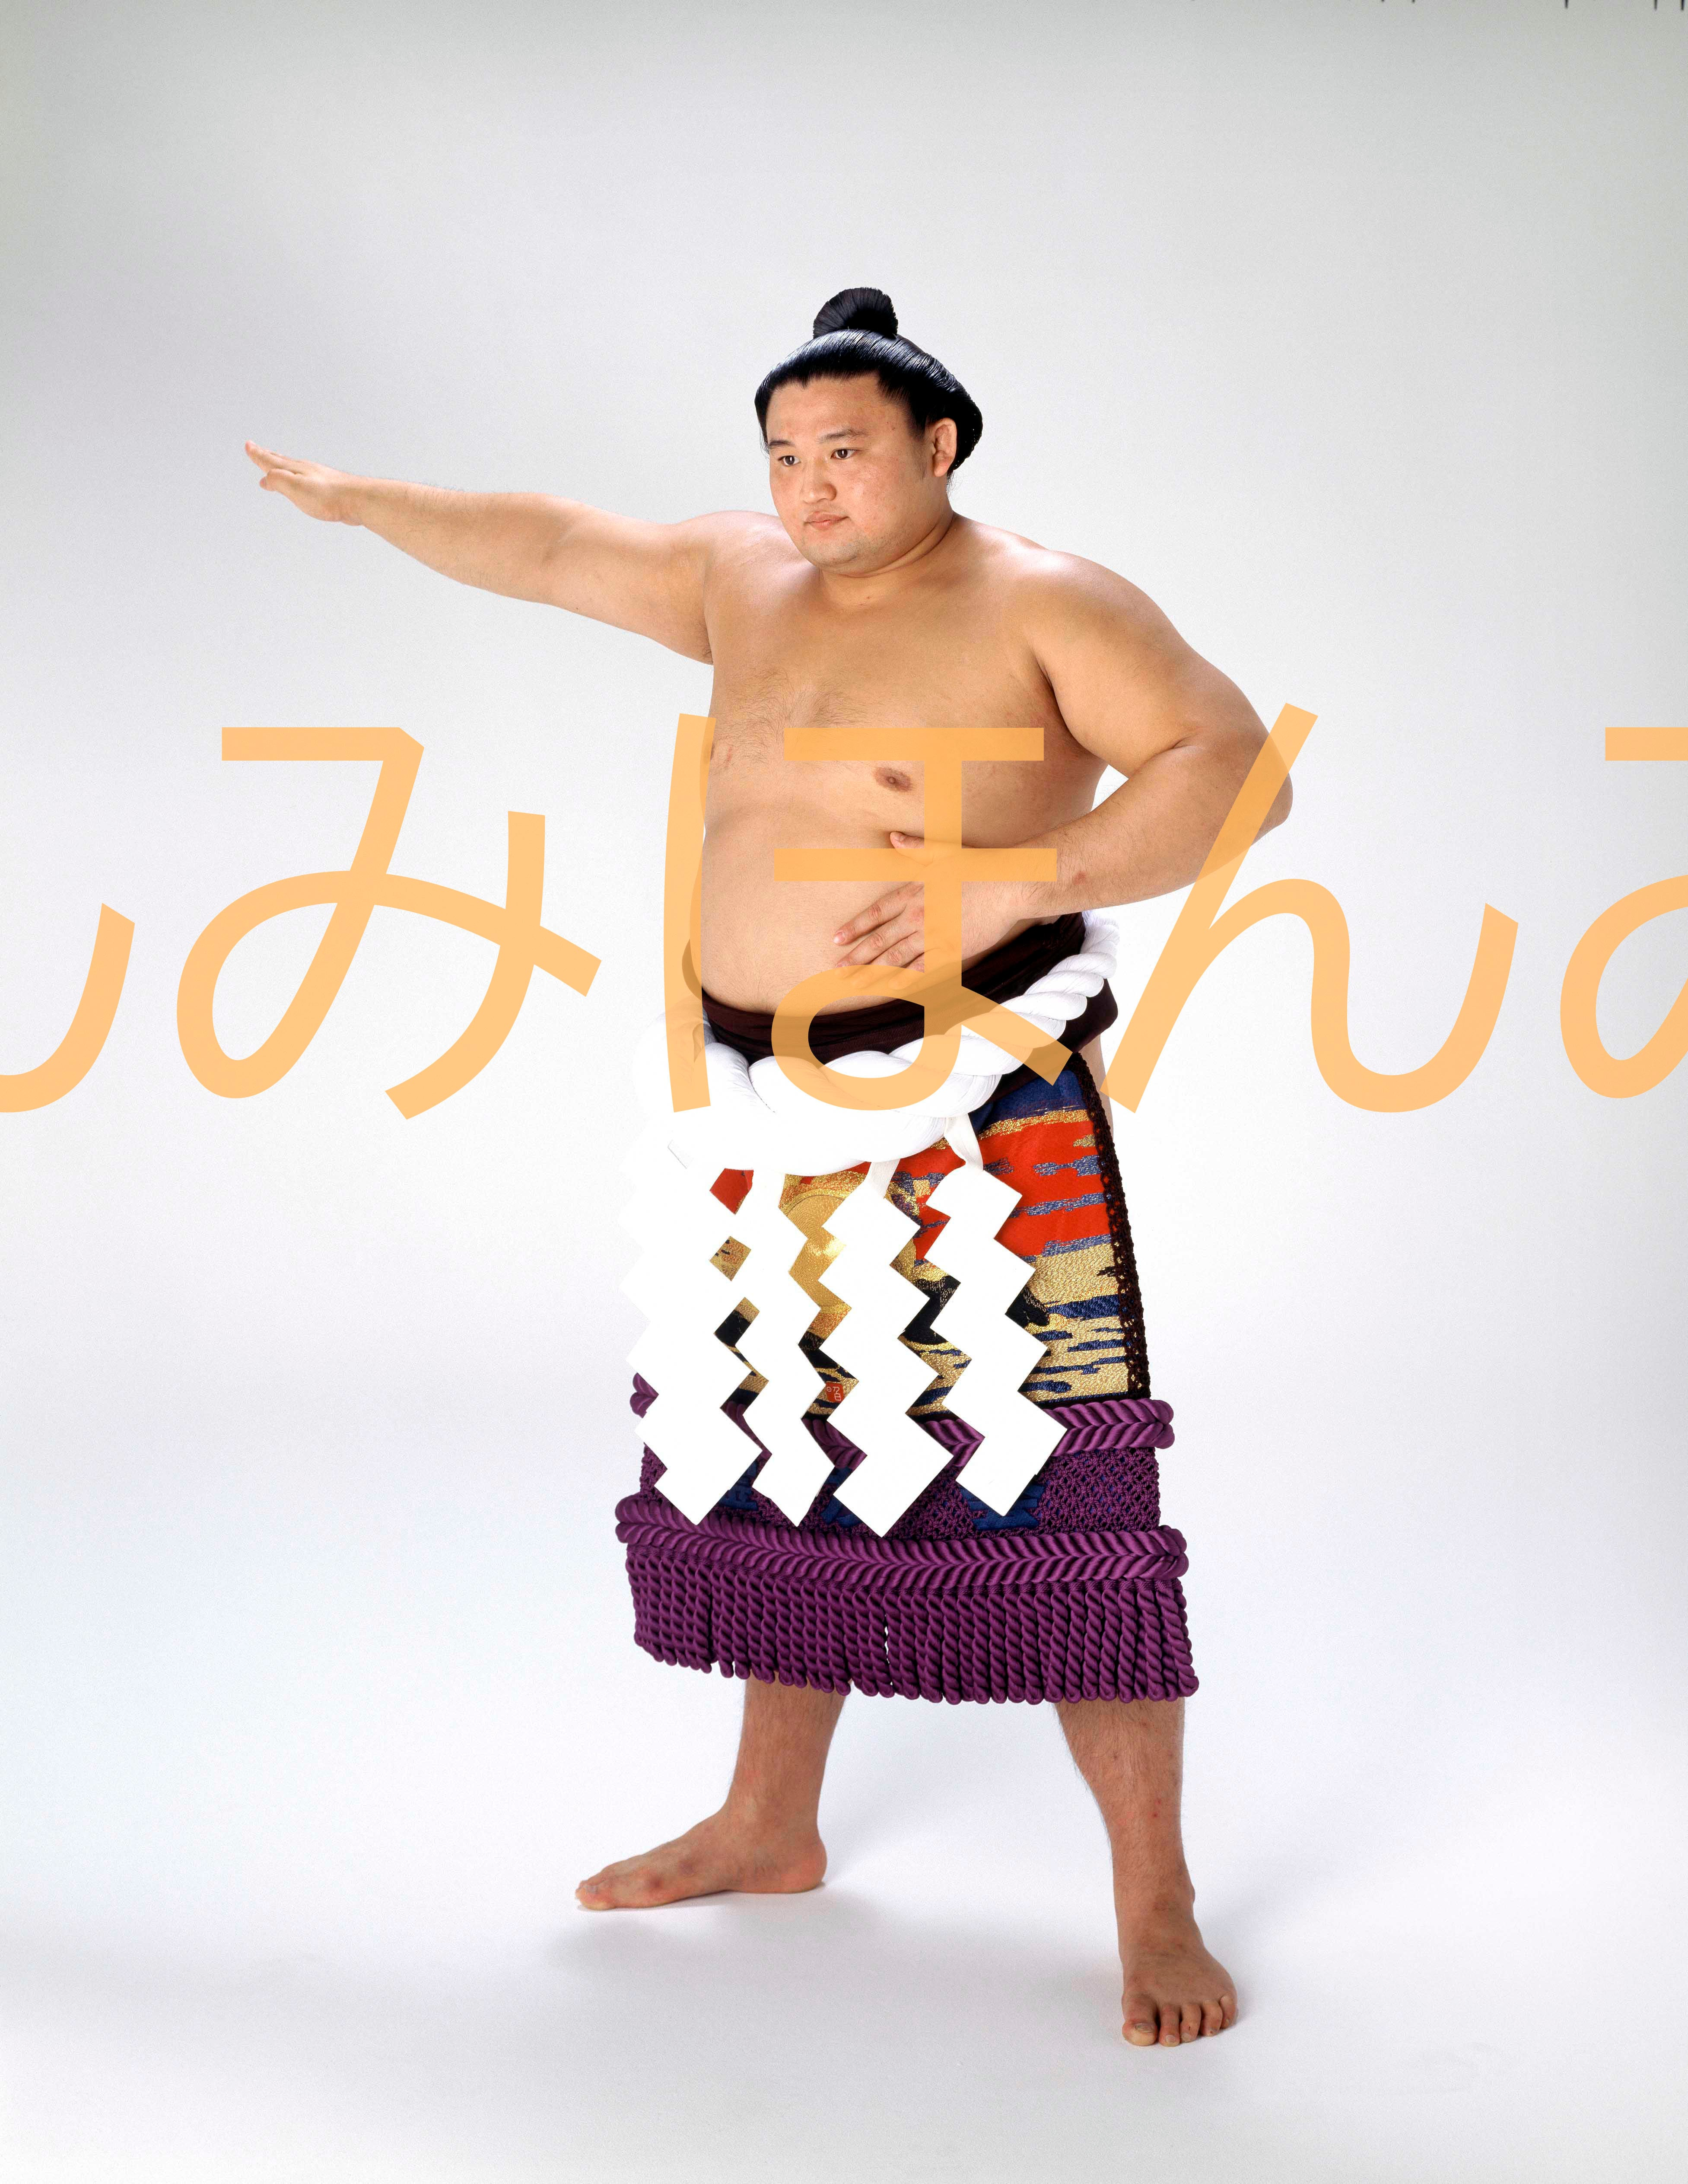 平成7年9月場所全勝 横綱 貴乃花光司関(11回目の優勝)